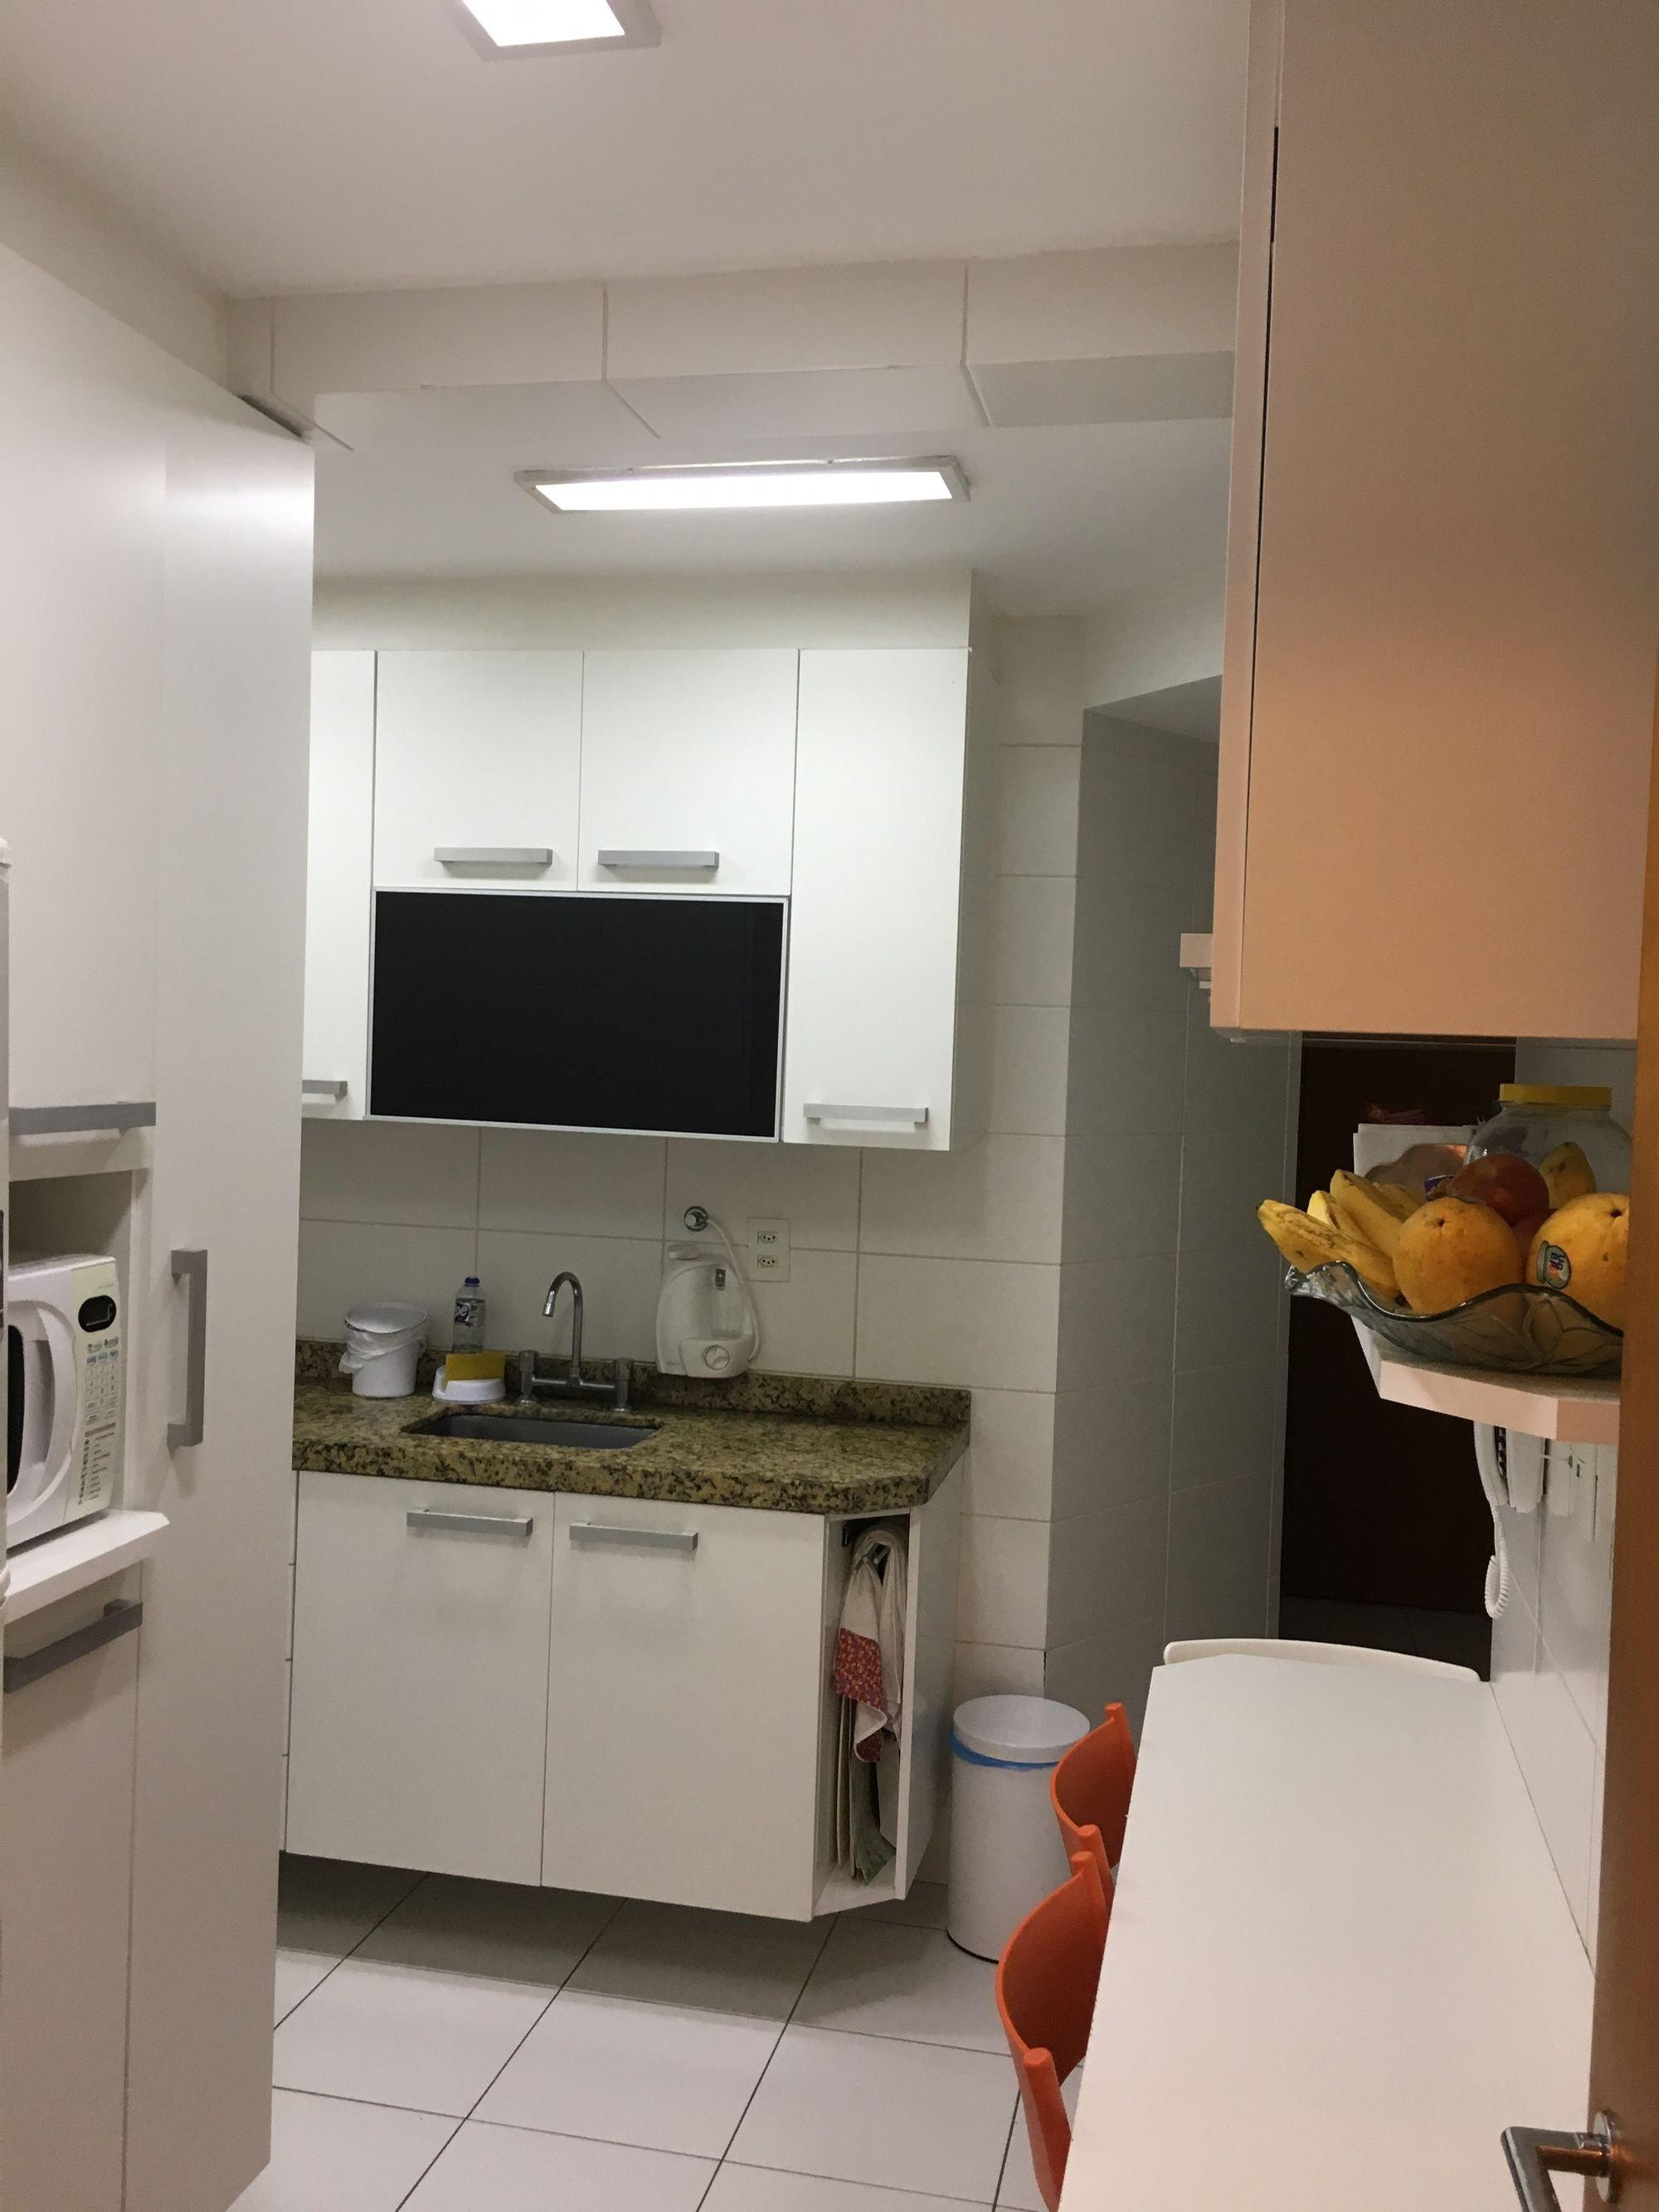 Foto de Cozinha com cadeira, microondas